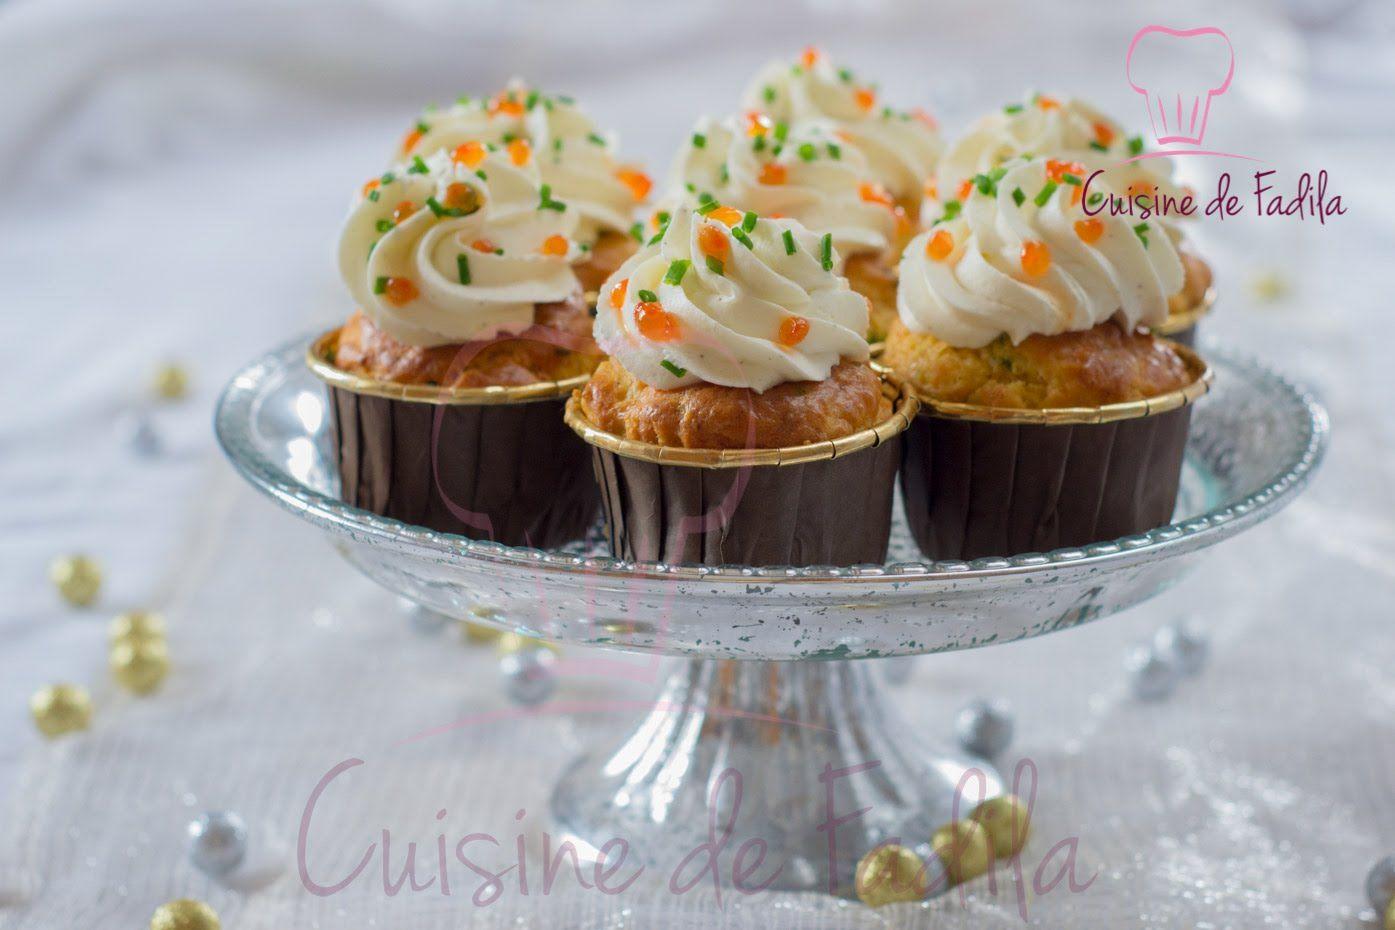 Cupcakes au saumon fumé كاب كيك بالسلمون